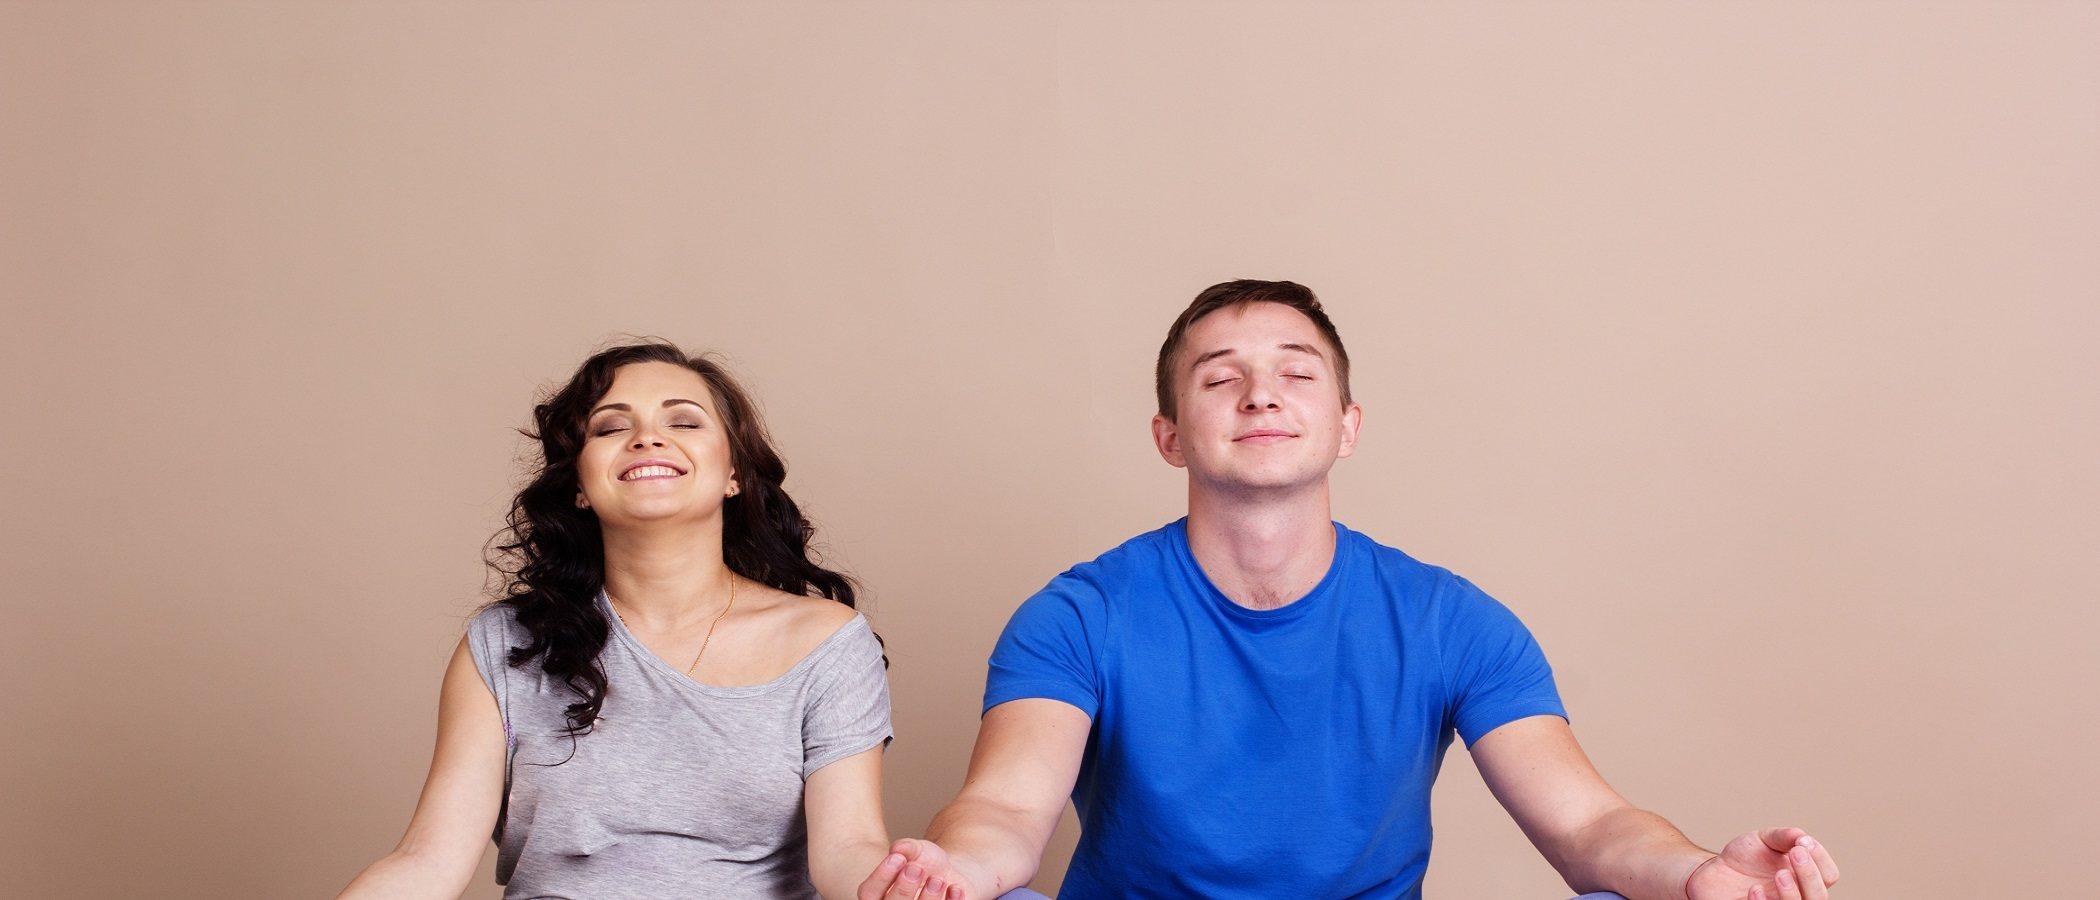 Ejercicios para hacer con tu pareja cuando estás embarazada